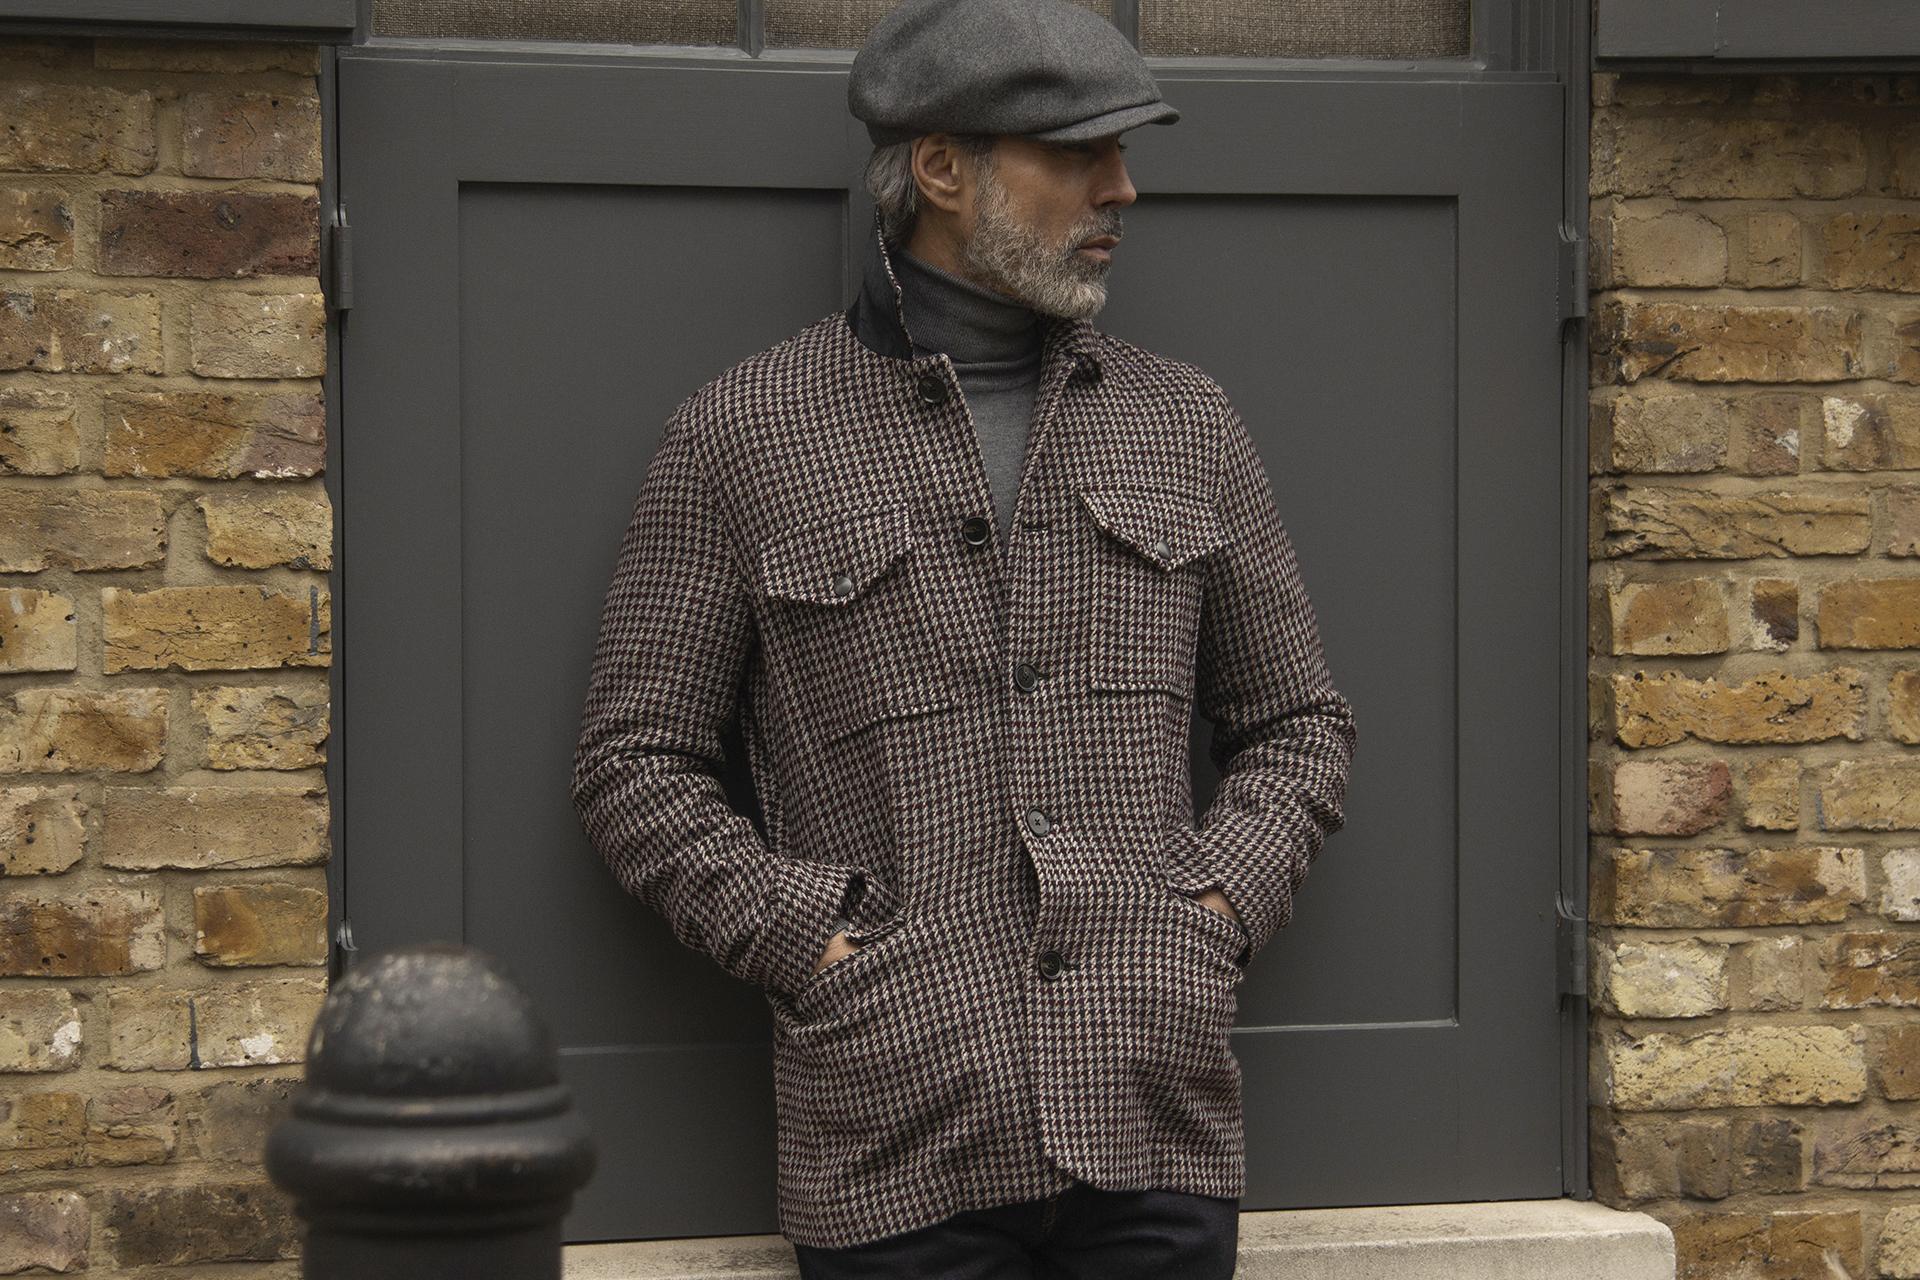 Wear London Four Pocket Field Jacket, £120